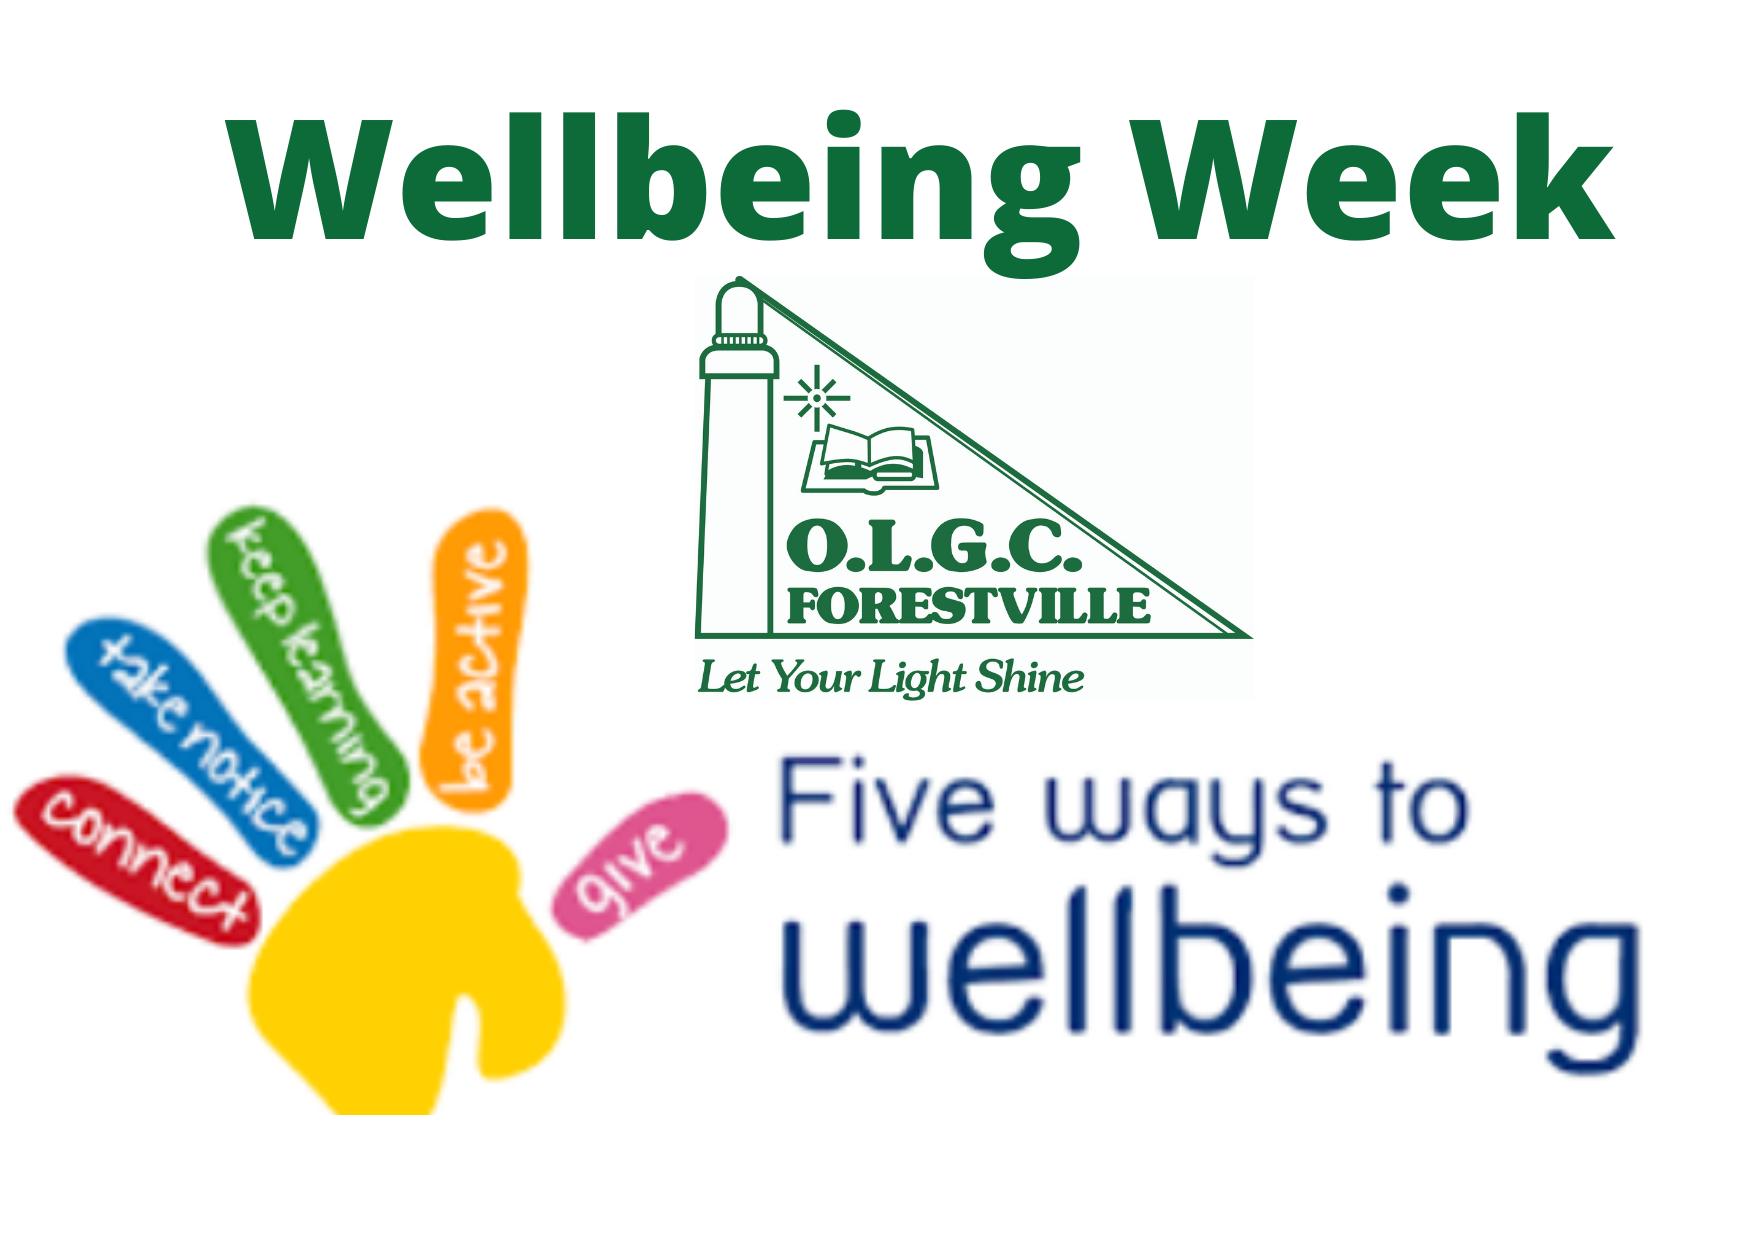 OLGC Wellbeing Week